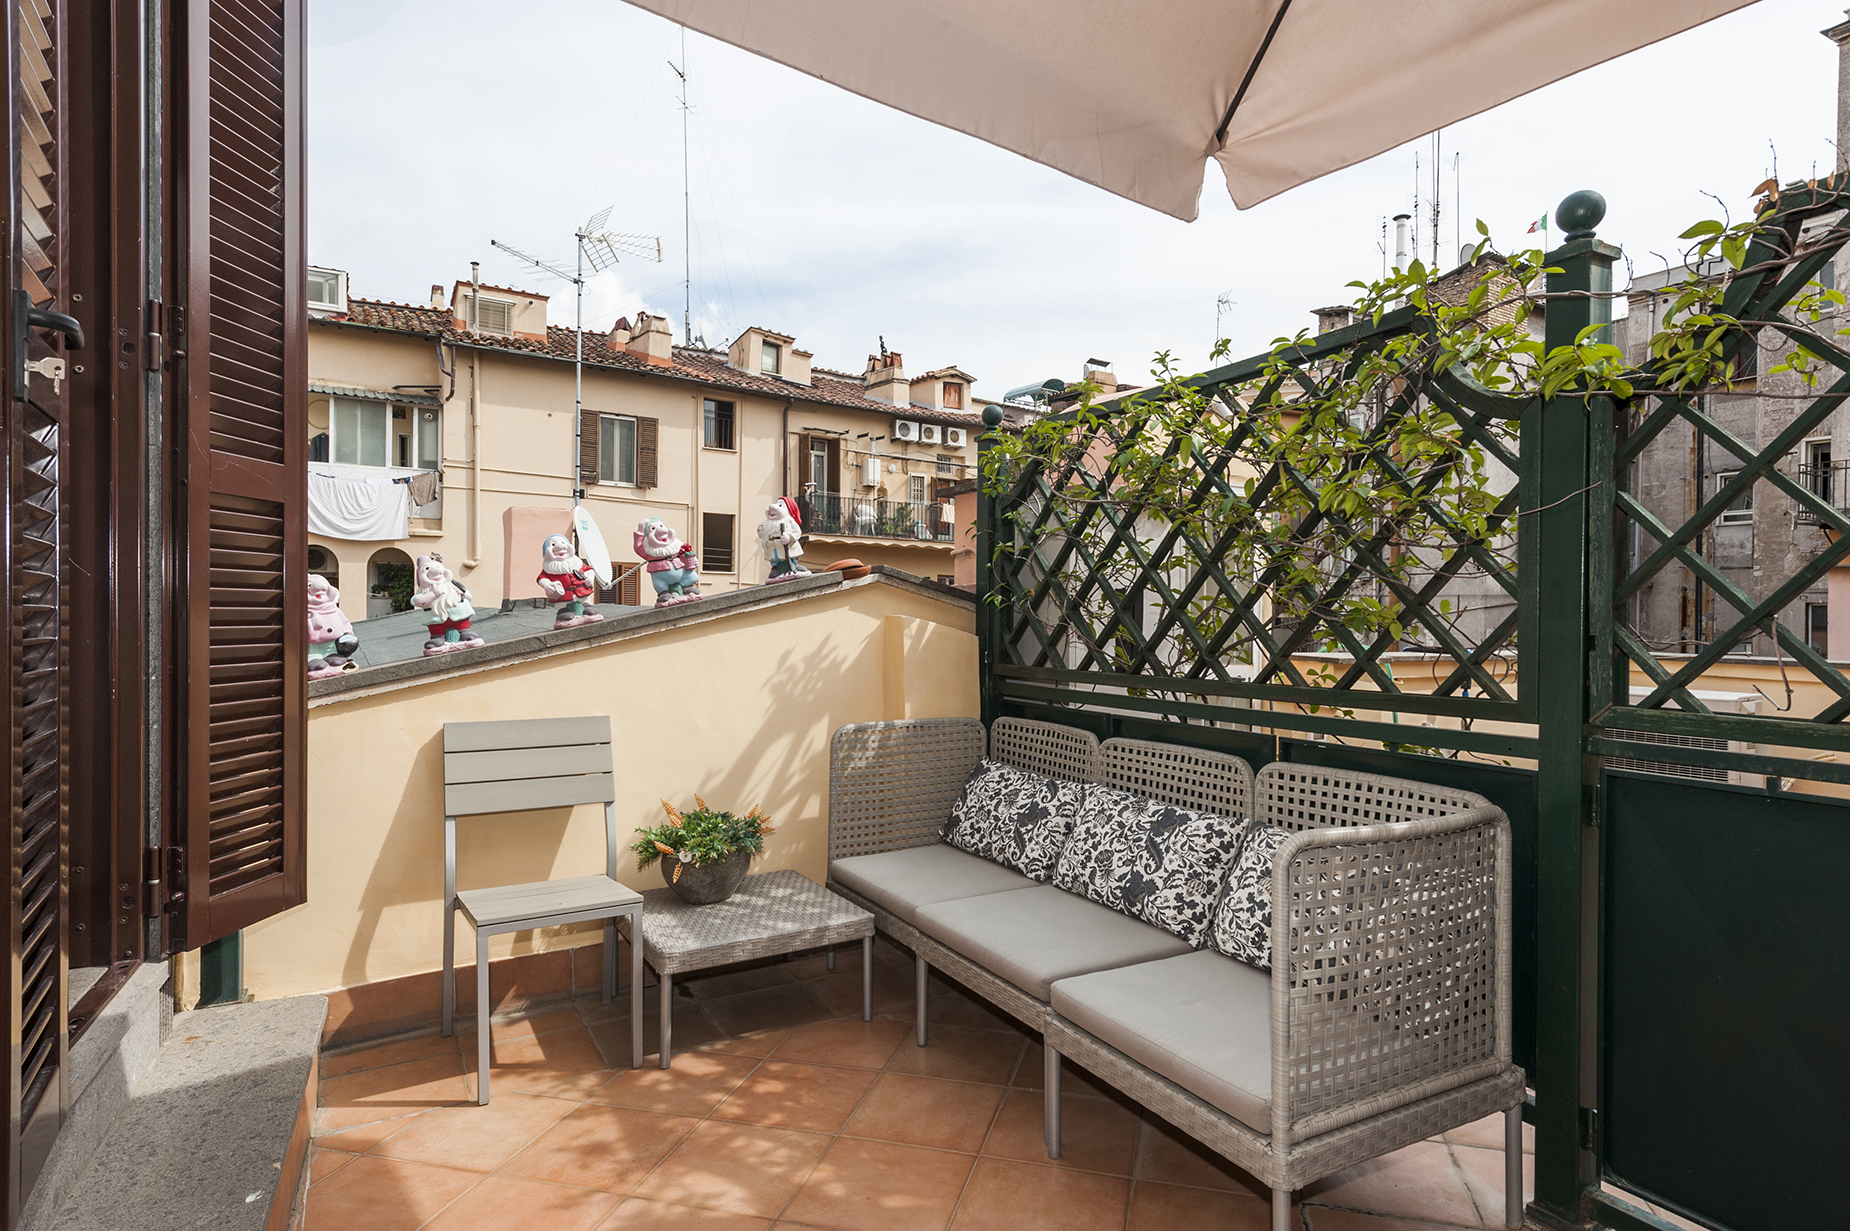 Appartamento di lusso in affitto a roma vico vicolo for Appartamento affitto arredato roma